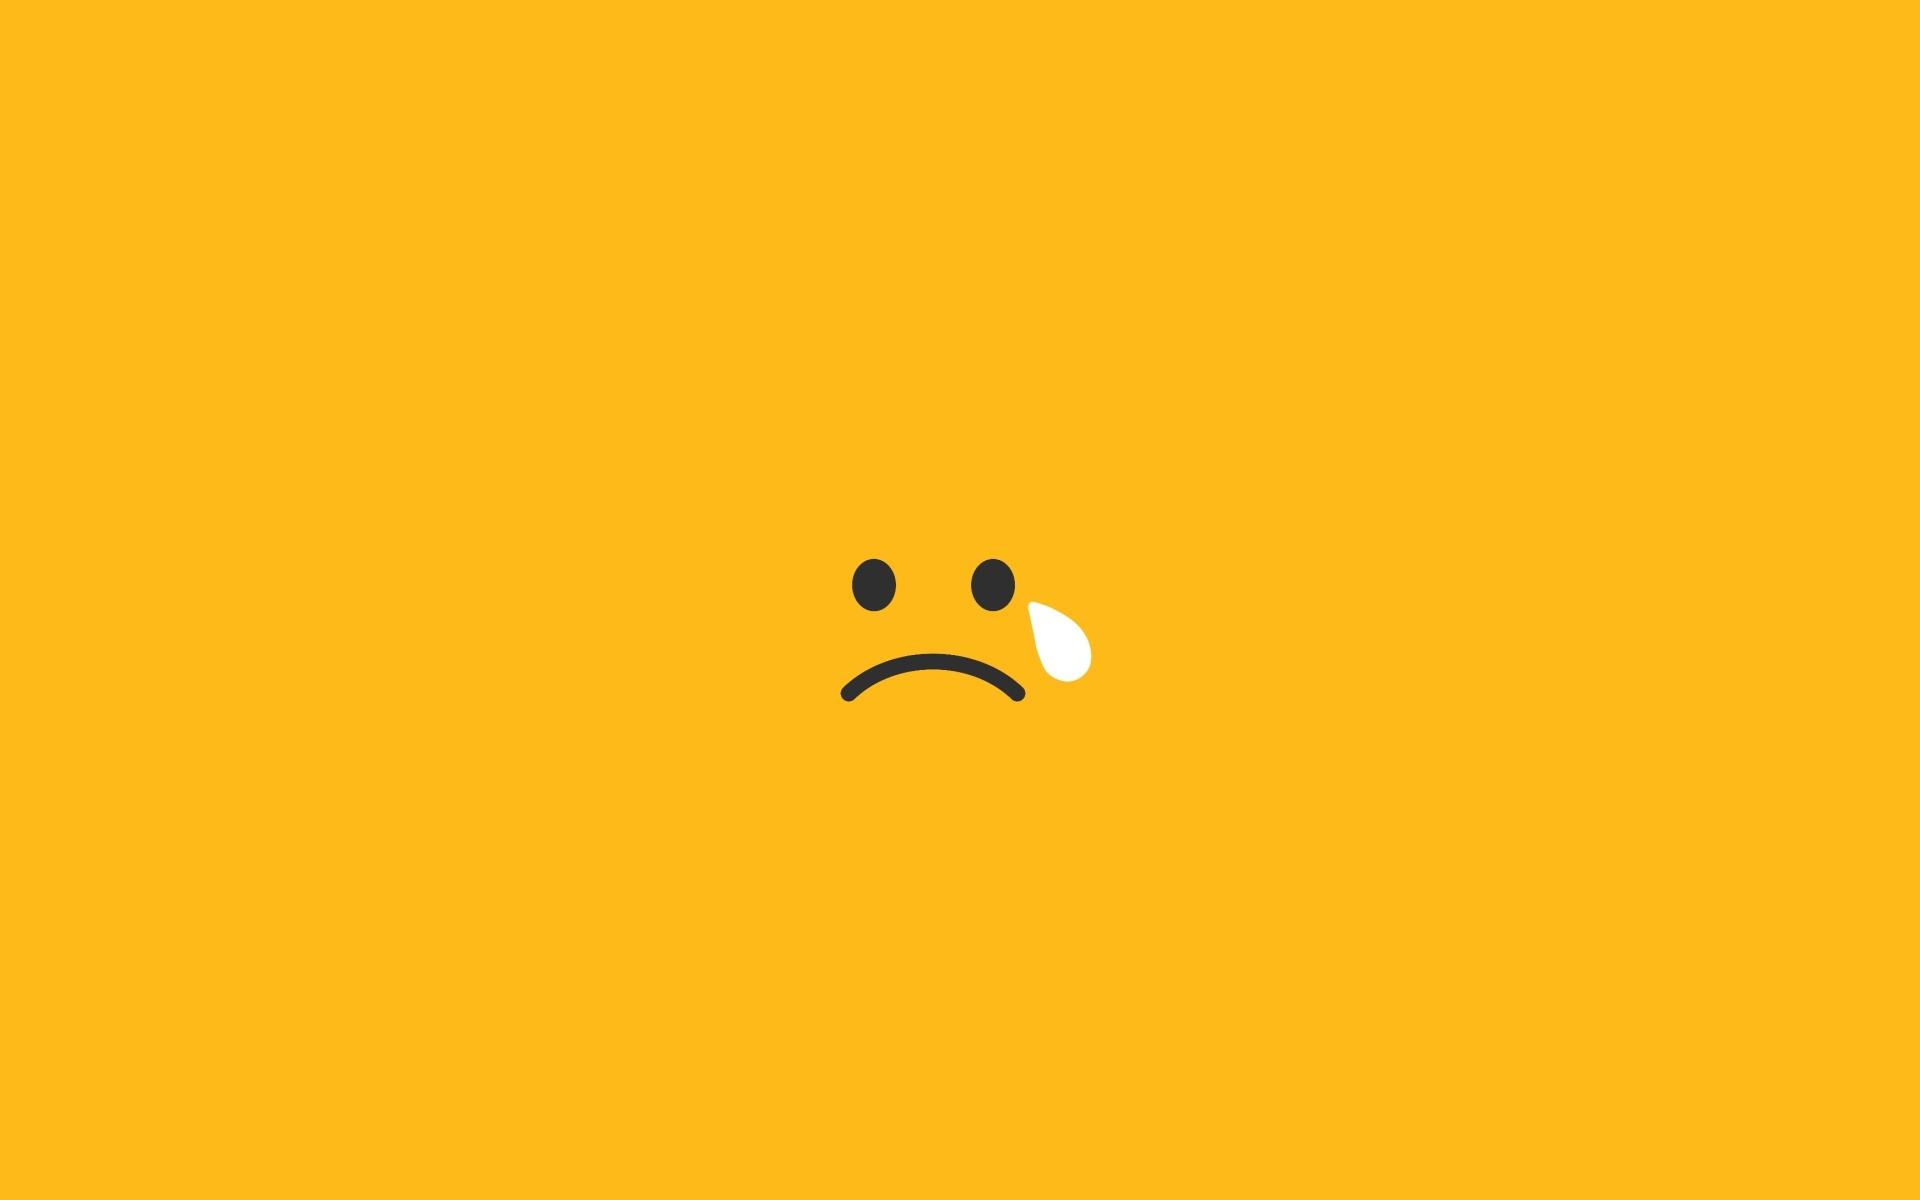 Sad Tears Smiley Minimalism Hd 4k Wallpaper